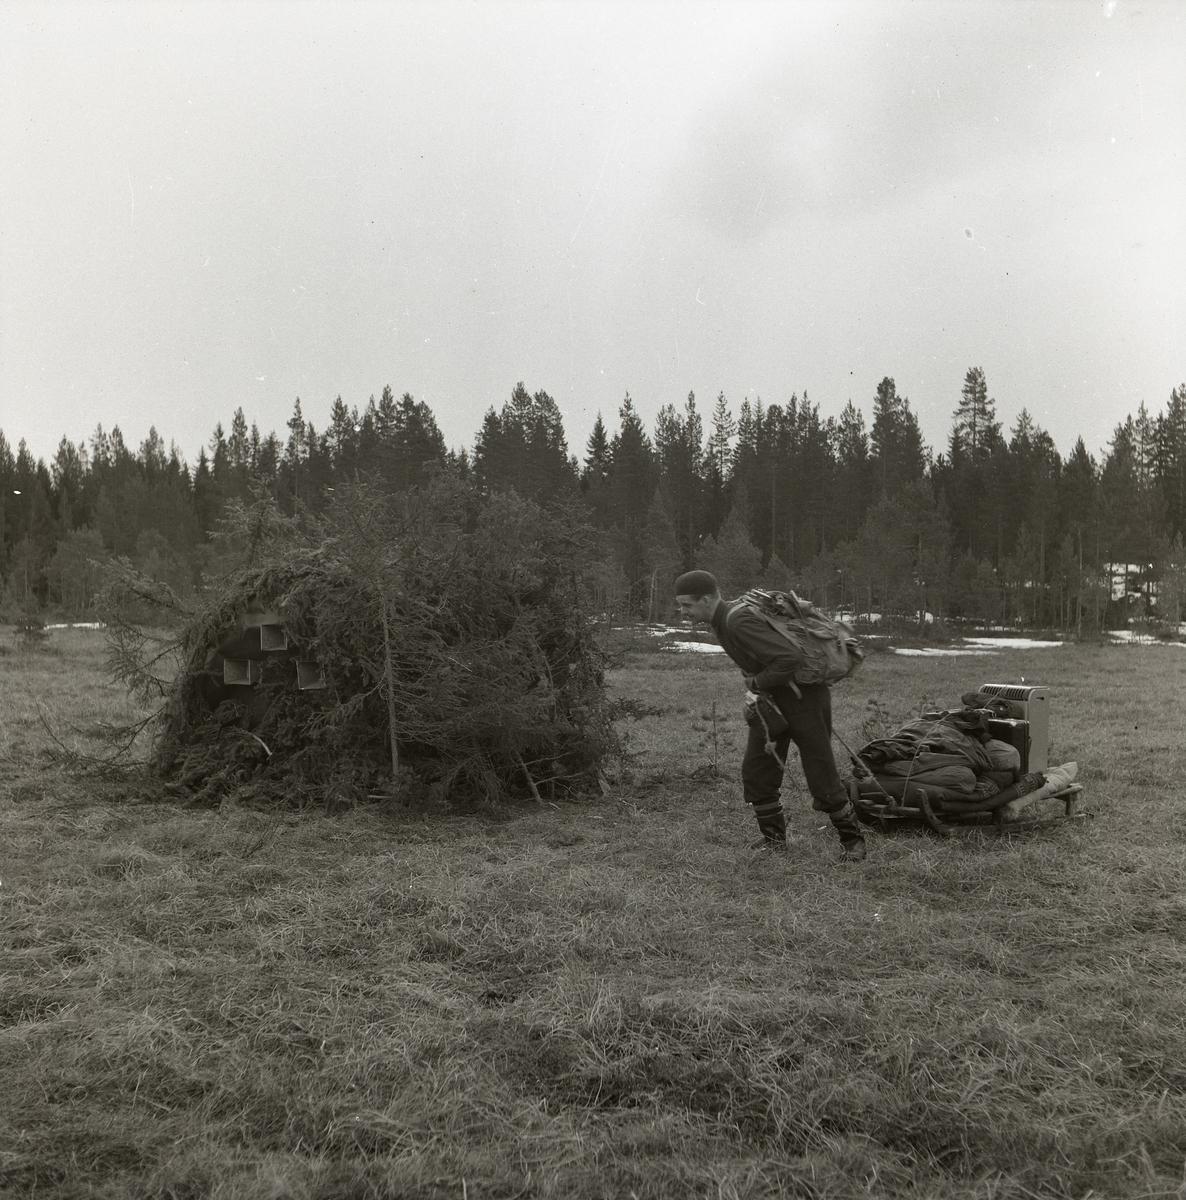 Över ett gräsfält släpar en man sin släde lastad med friluftsutrustning. Mannen bär en ryggsäck, mössa och kraftig stövlar. Vid mannens sida ligger en rishög på det annars öppna fältet. I bakgrunden står en skog där snön fläckvis ligger kvar på marken.